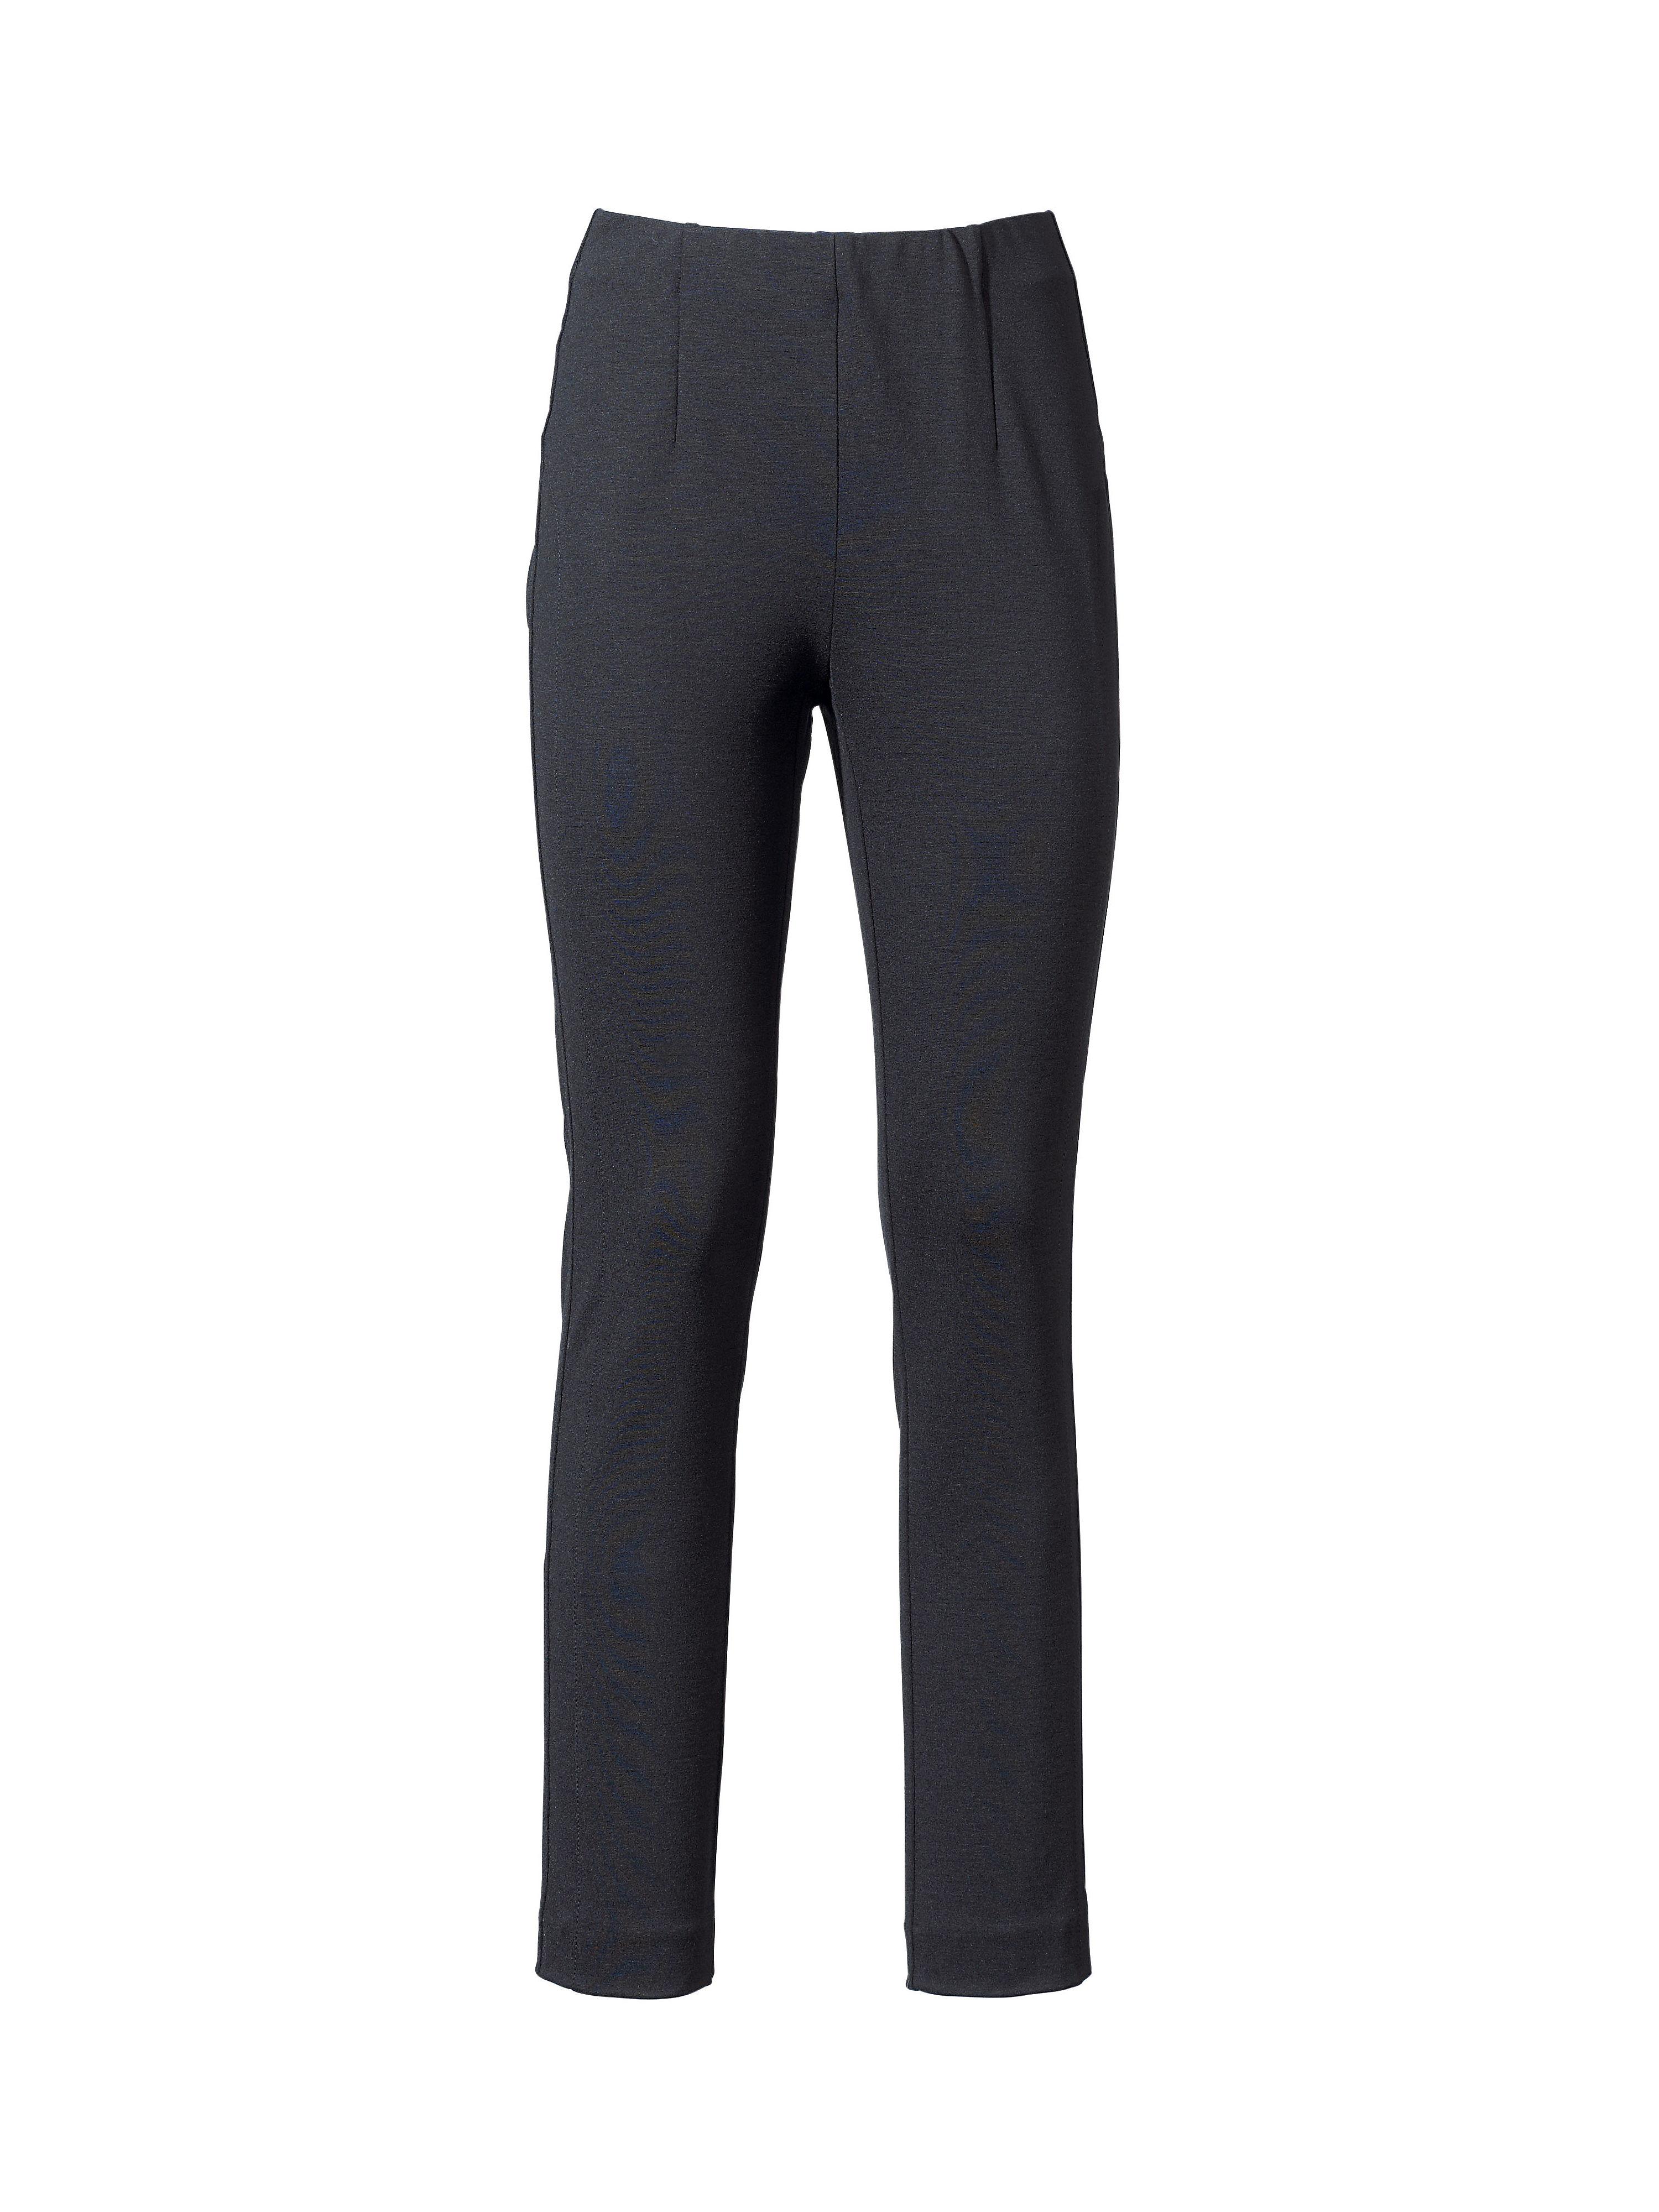 Le pantalon  Peter Hahn noir taille 23